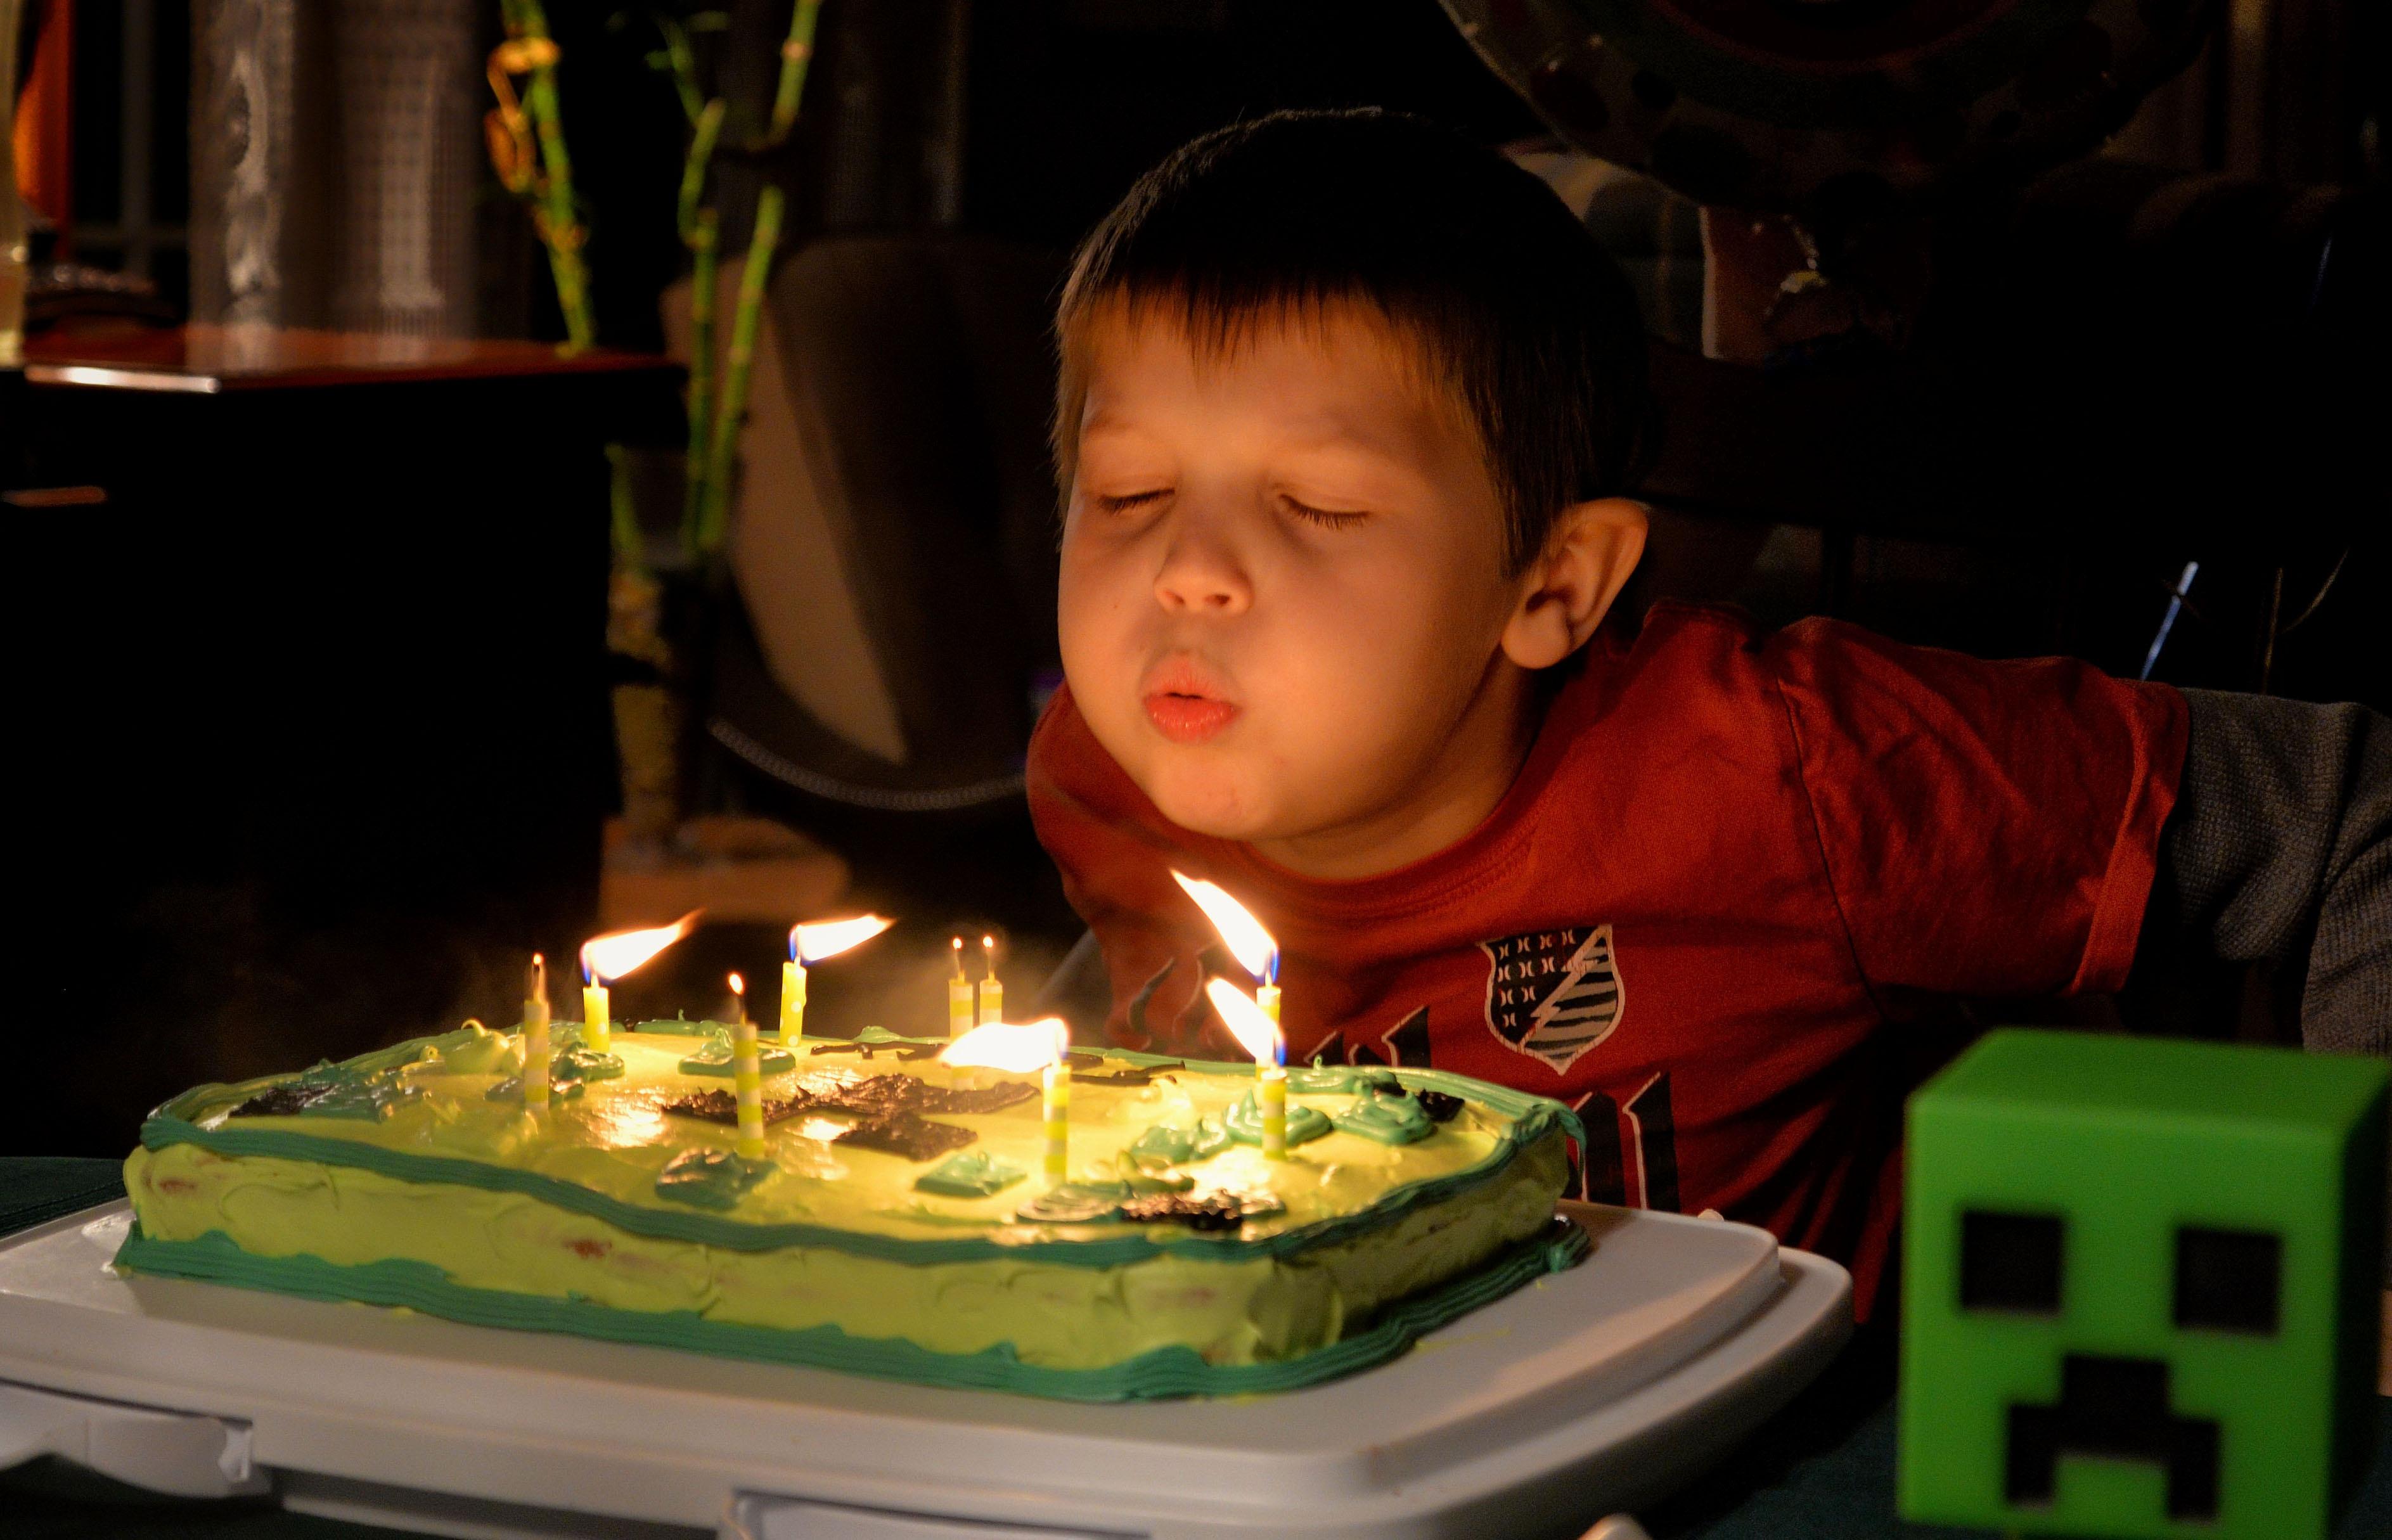 задувает свечи смешные картинки